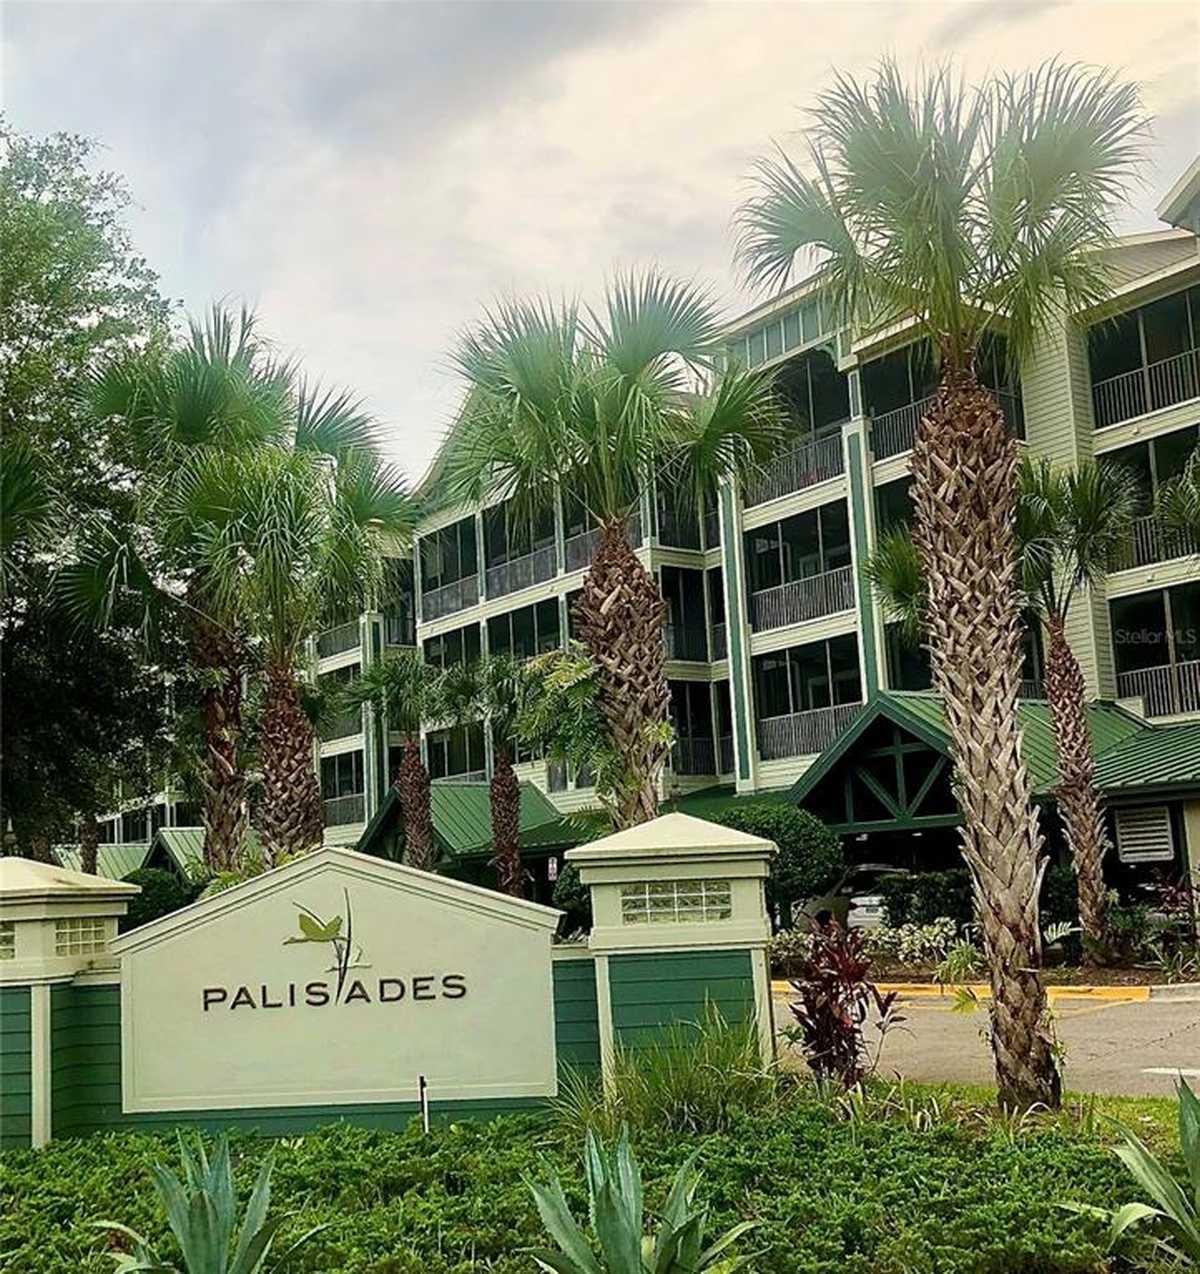 $199,000 - 3Br/2Ba -  for Sale in Palisades Condo, Winter Garden